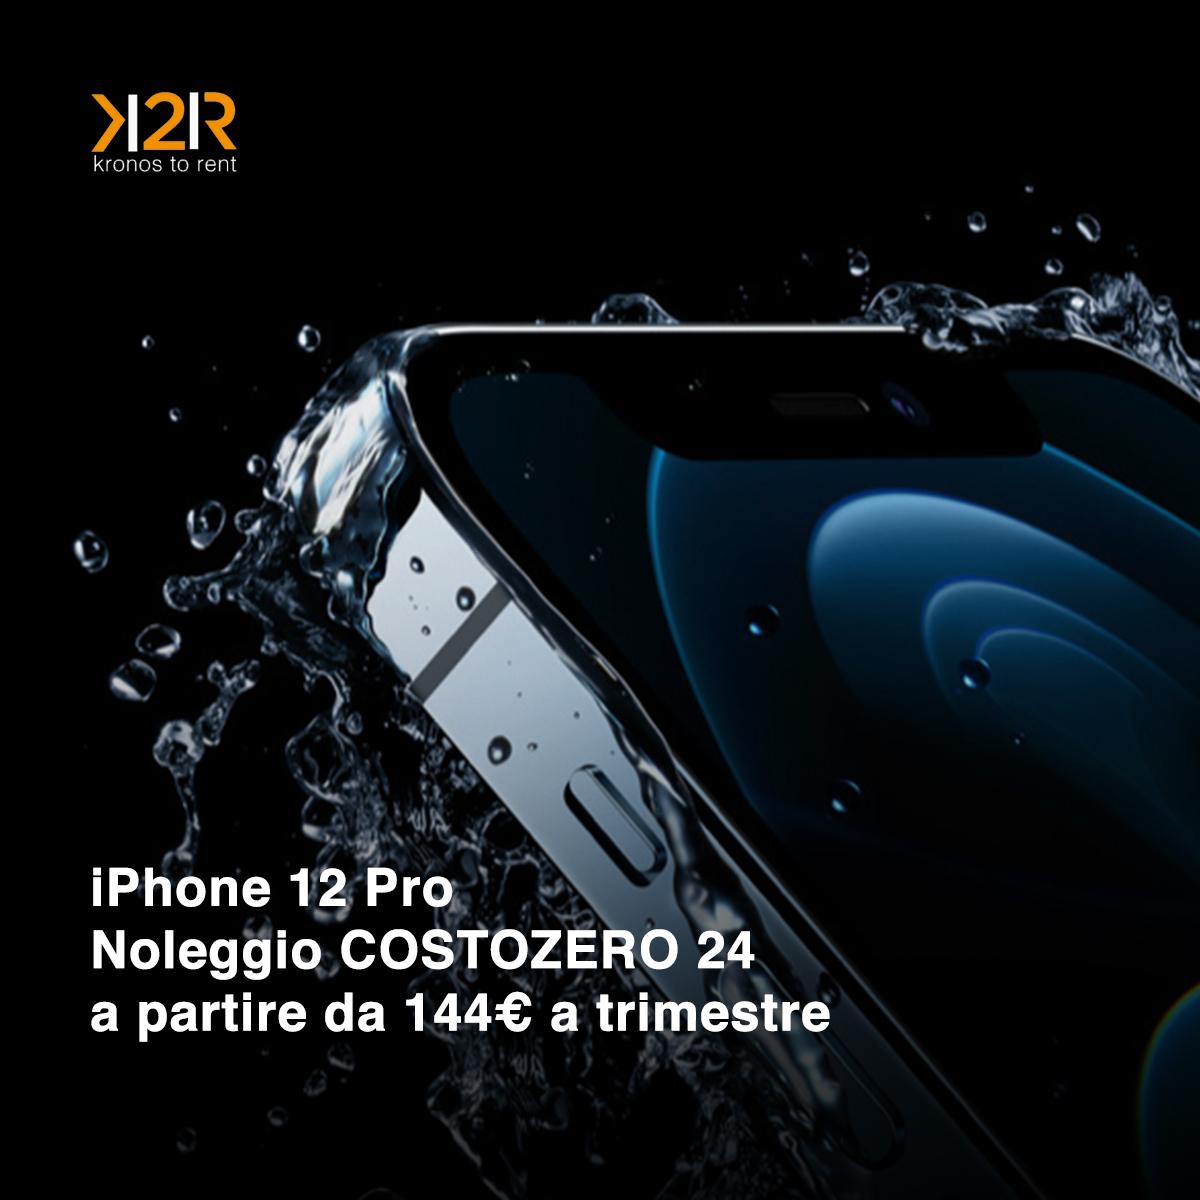 Noleggia Mac, iPhone e iPad anche per 36 mesi a COSTOZERO con K2Rent